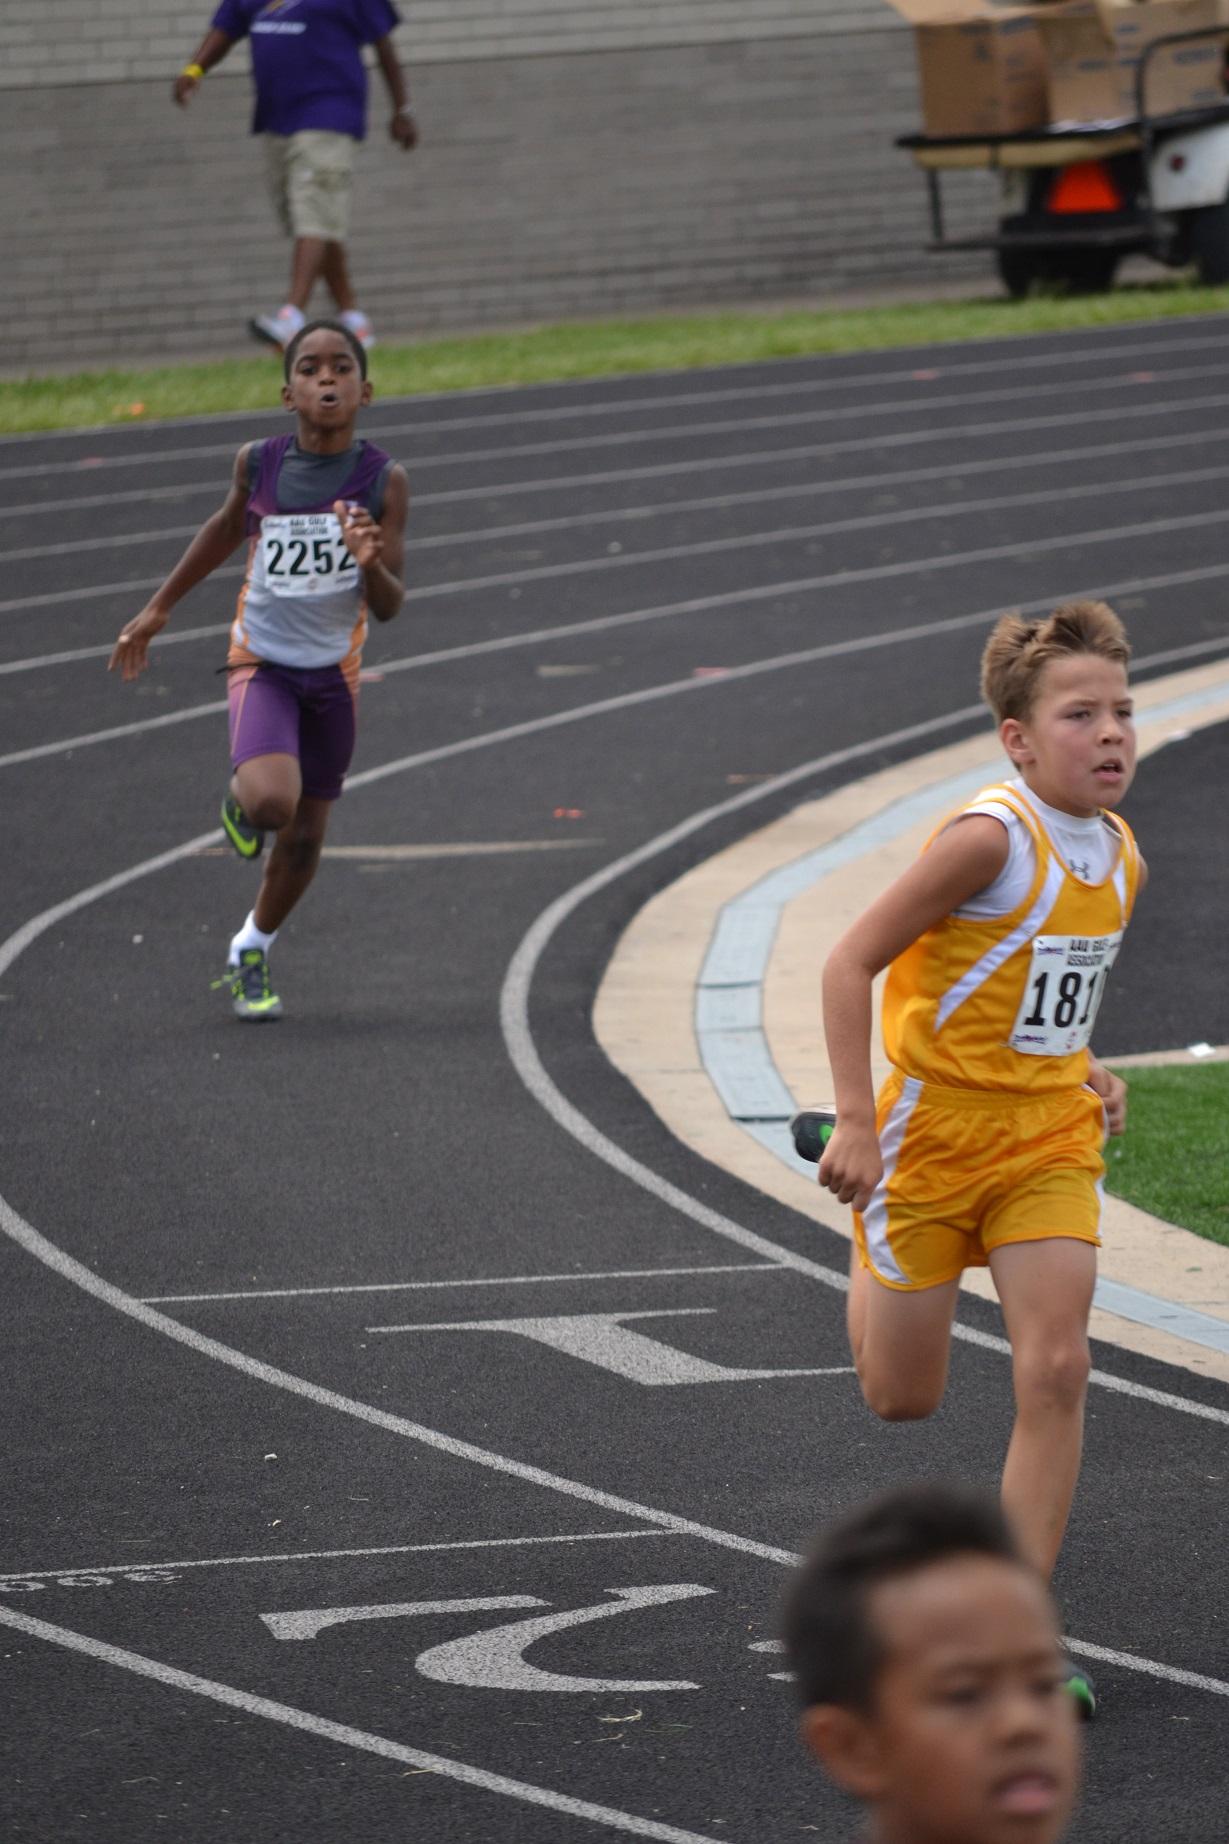 Emmanuel running the 400m